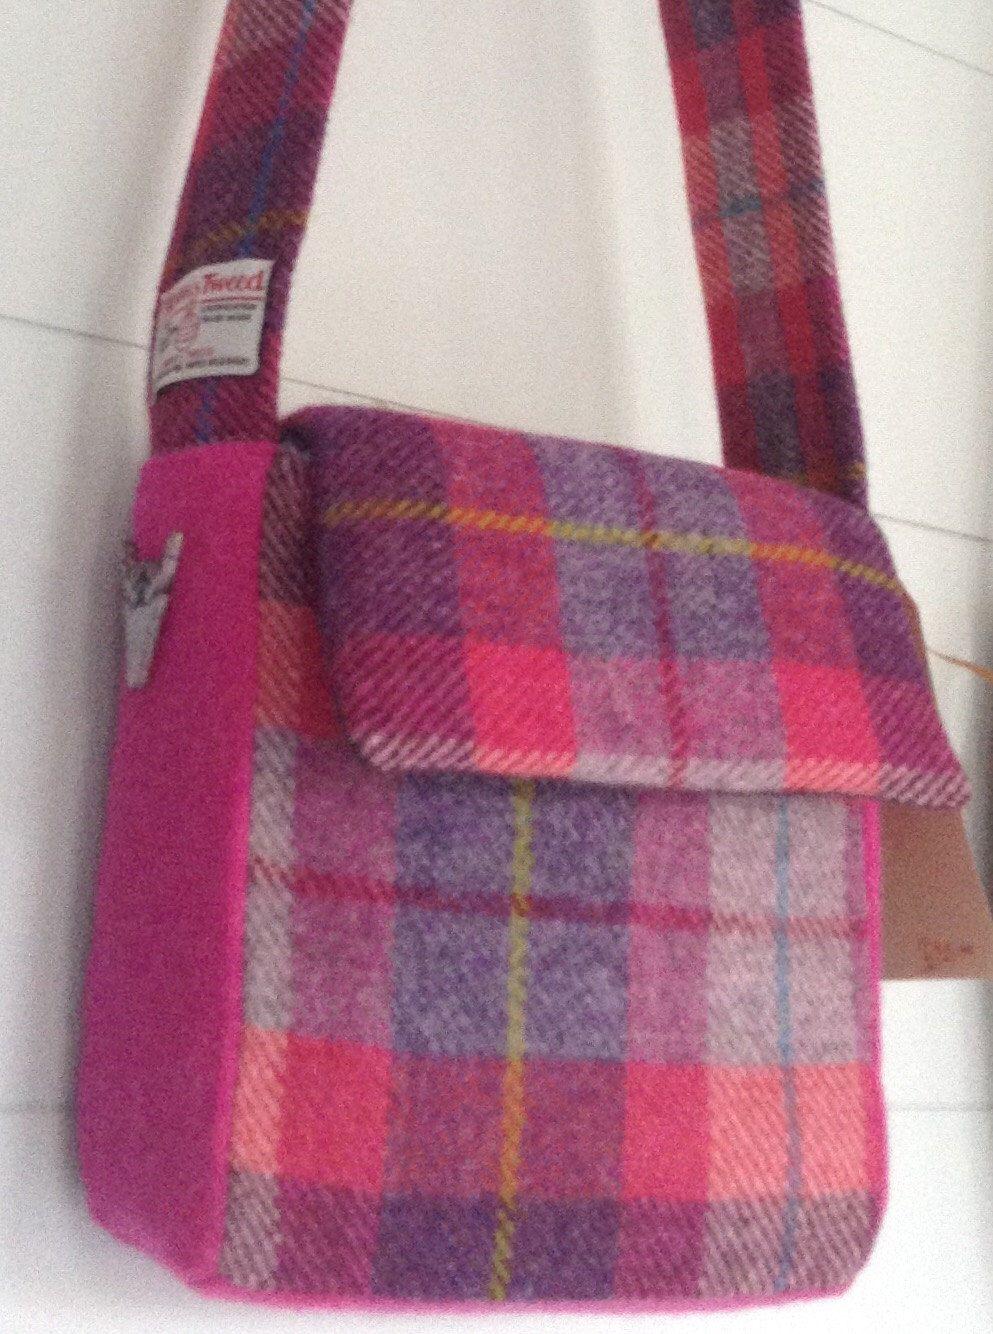 Harris Tweed Crossbody bag by TheHighlandKooCo on Etsy https://www.etsy.com/listing/488672500/harris-tweed-crossbody-bag